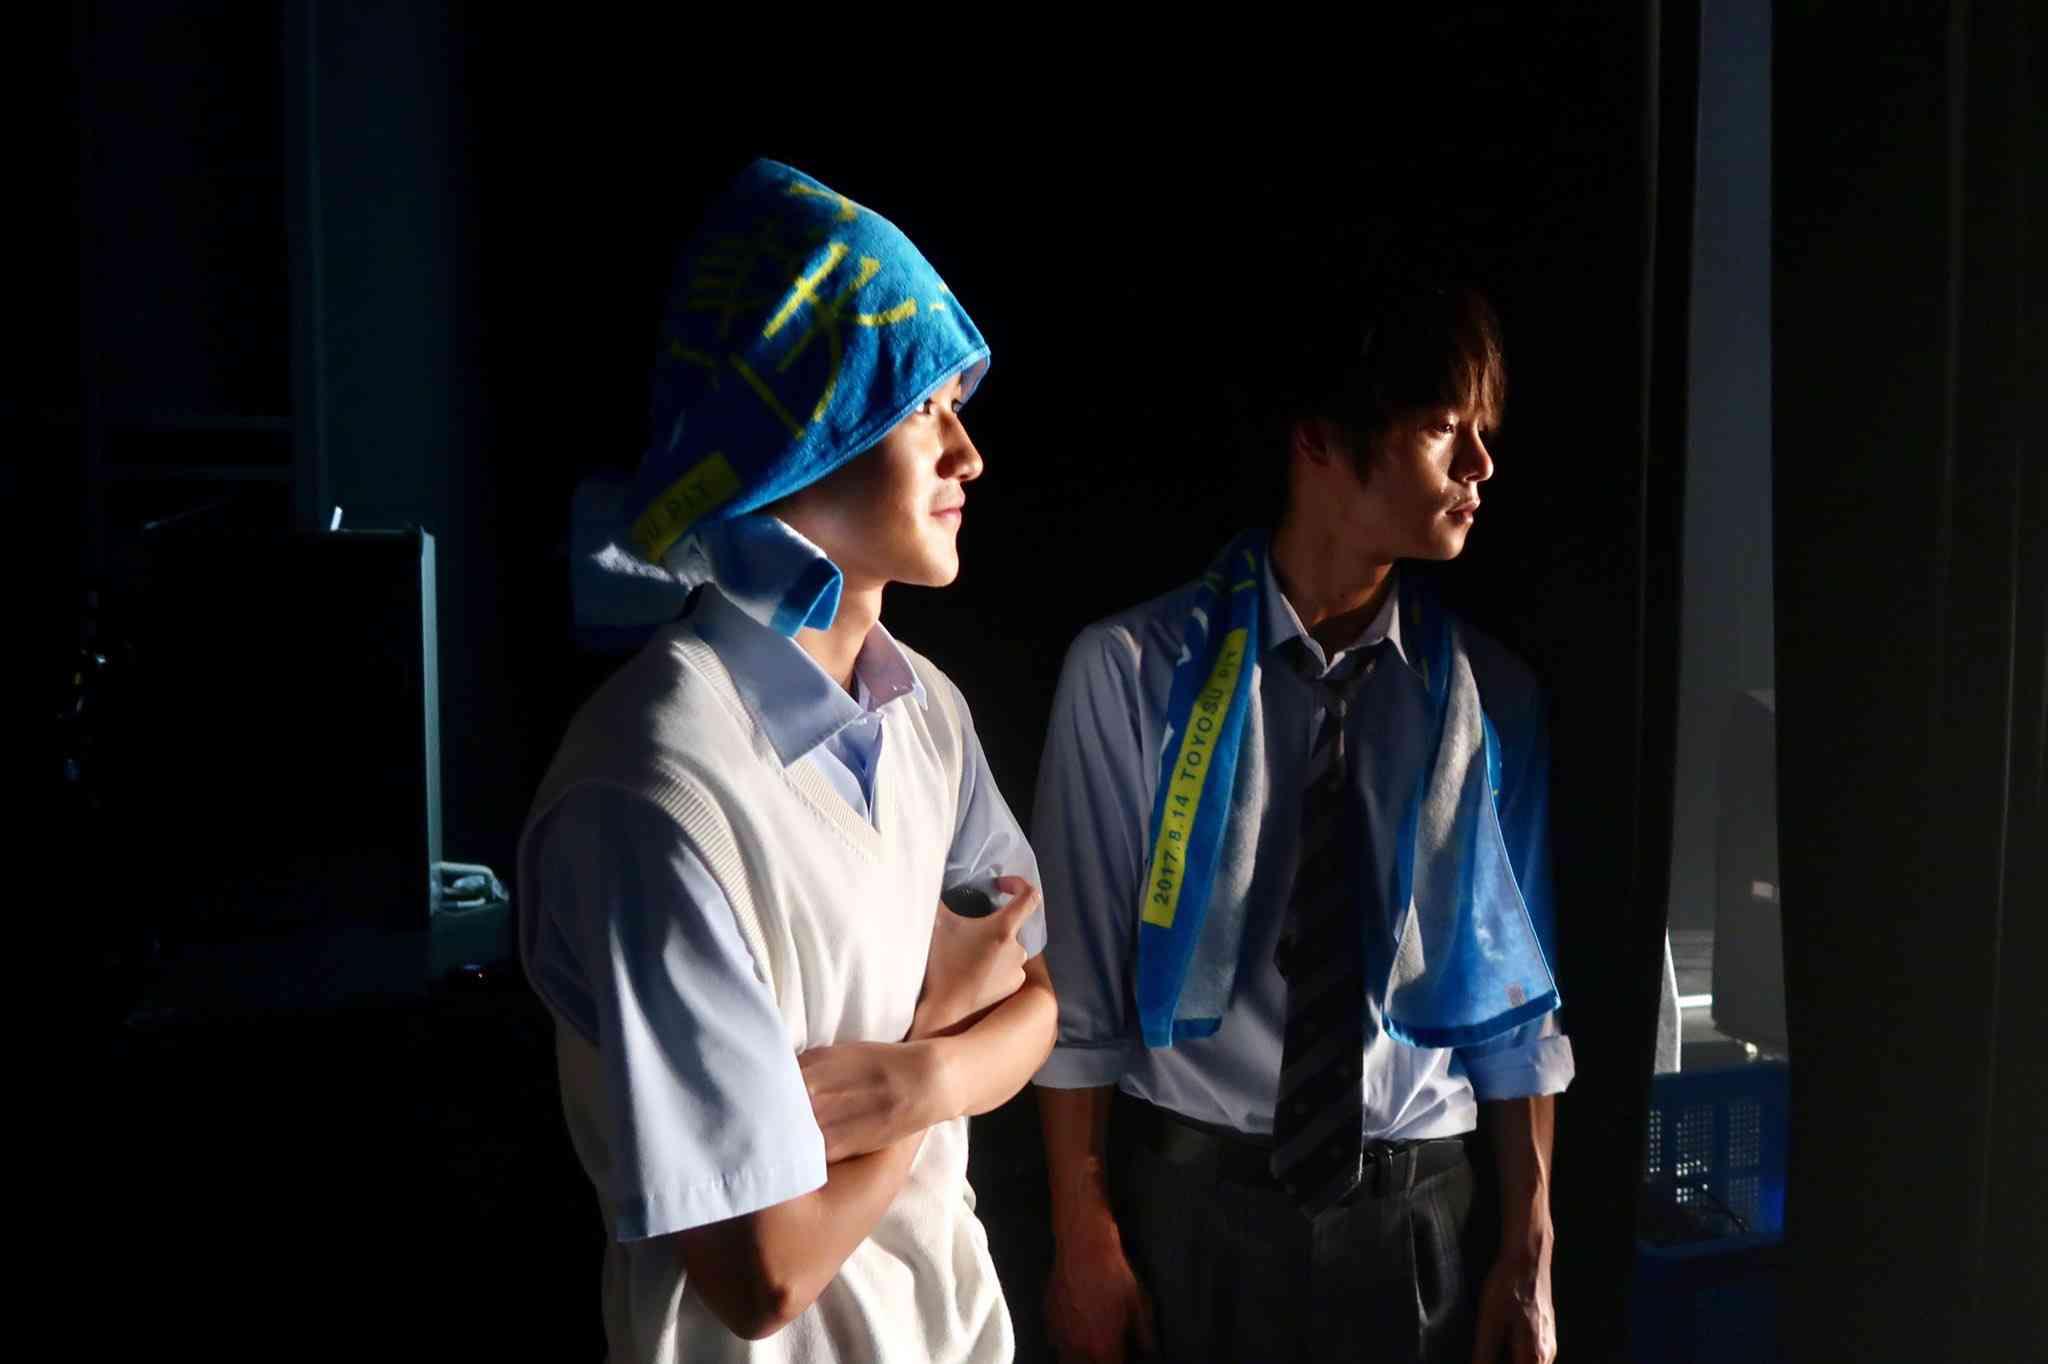 """窪田正孝の生歌に""""アイドル級""""の歓声 3000人熱狂LIVEで見えた""""僕やりフィーバー""""「これは夢だ!」"""